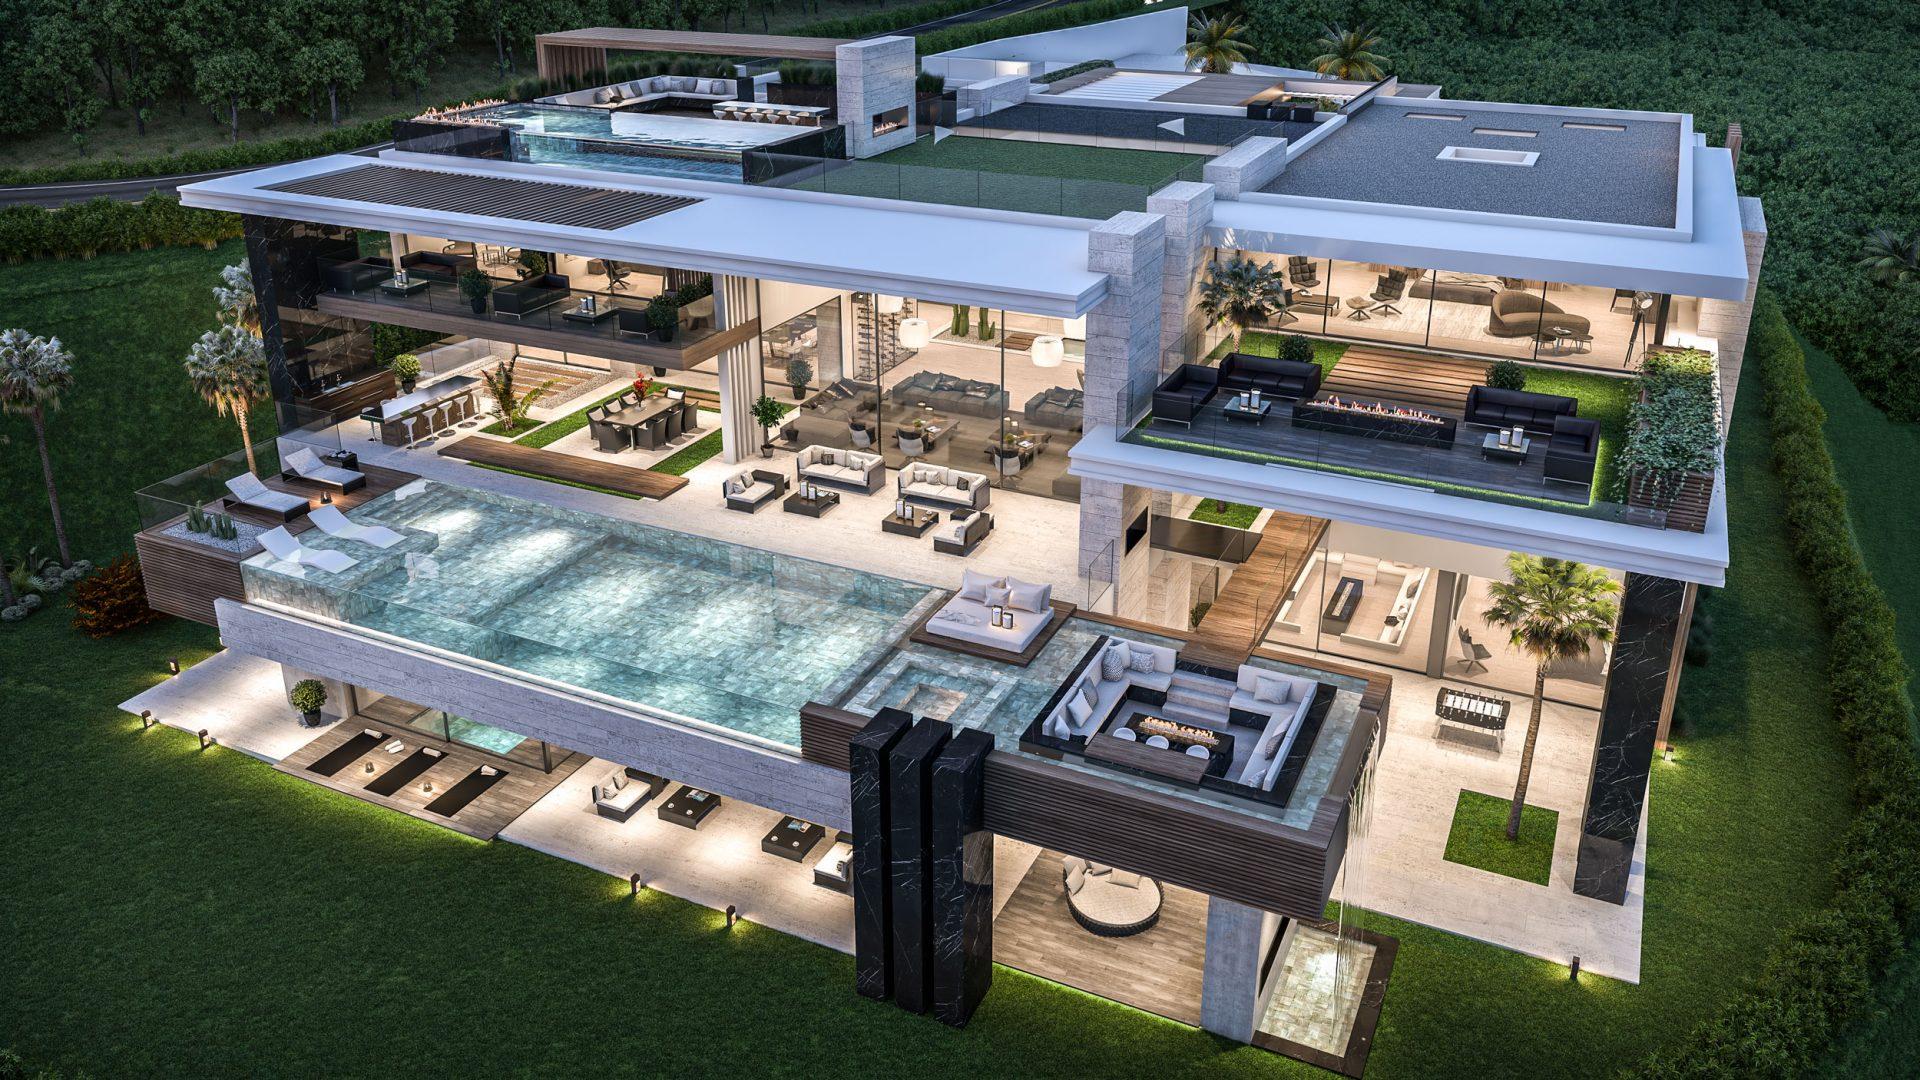 new-architecture-design-luxuryvilla-zagaleta-marbella-02